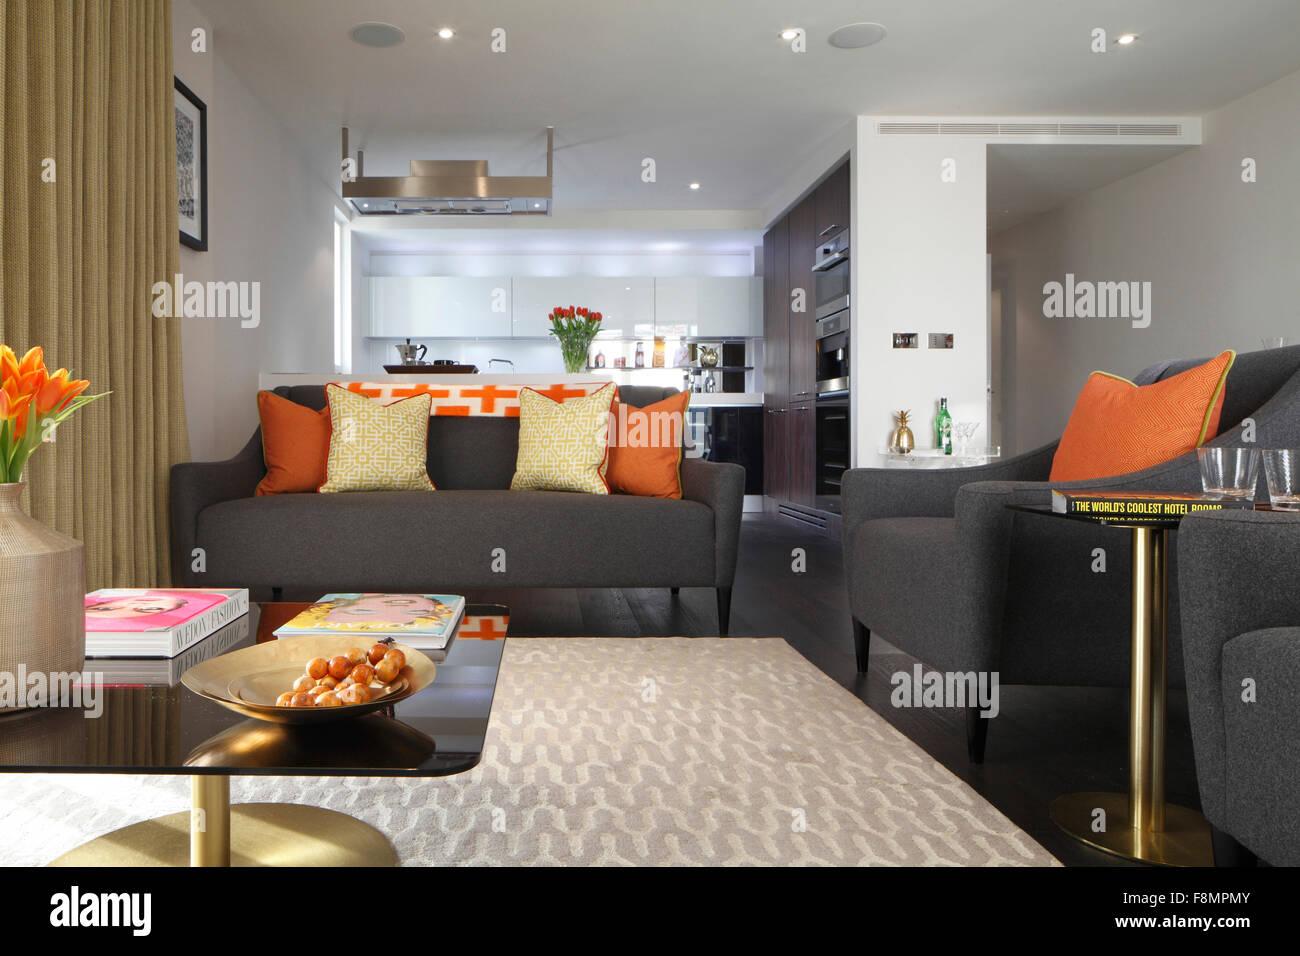 Wohnzimmer in einem Privathaus. Moderne Innenarchitektur. Grau ...